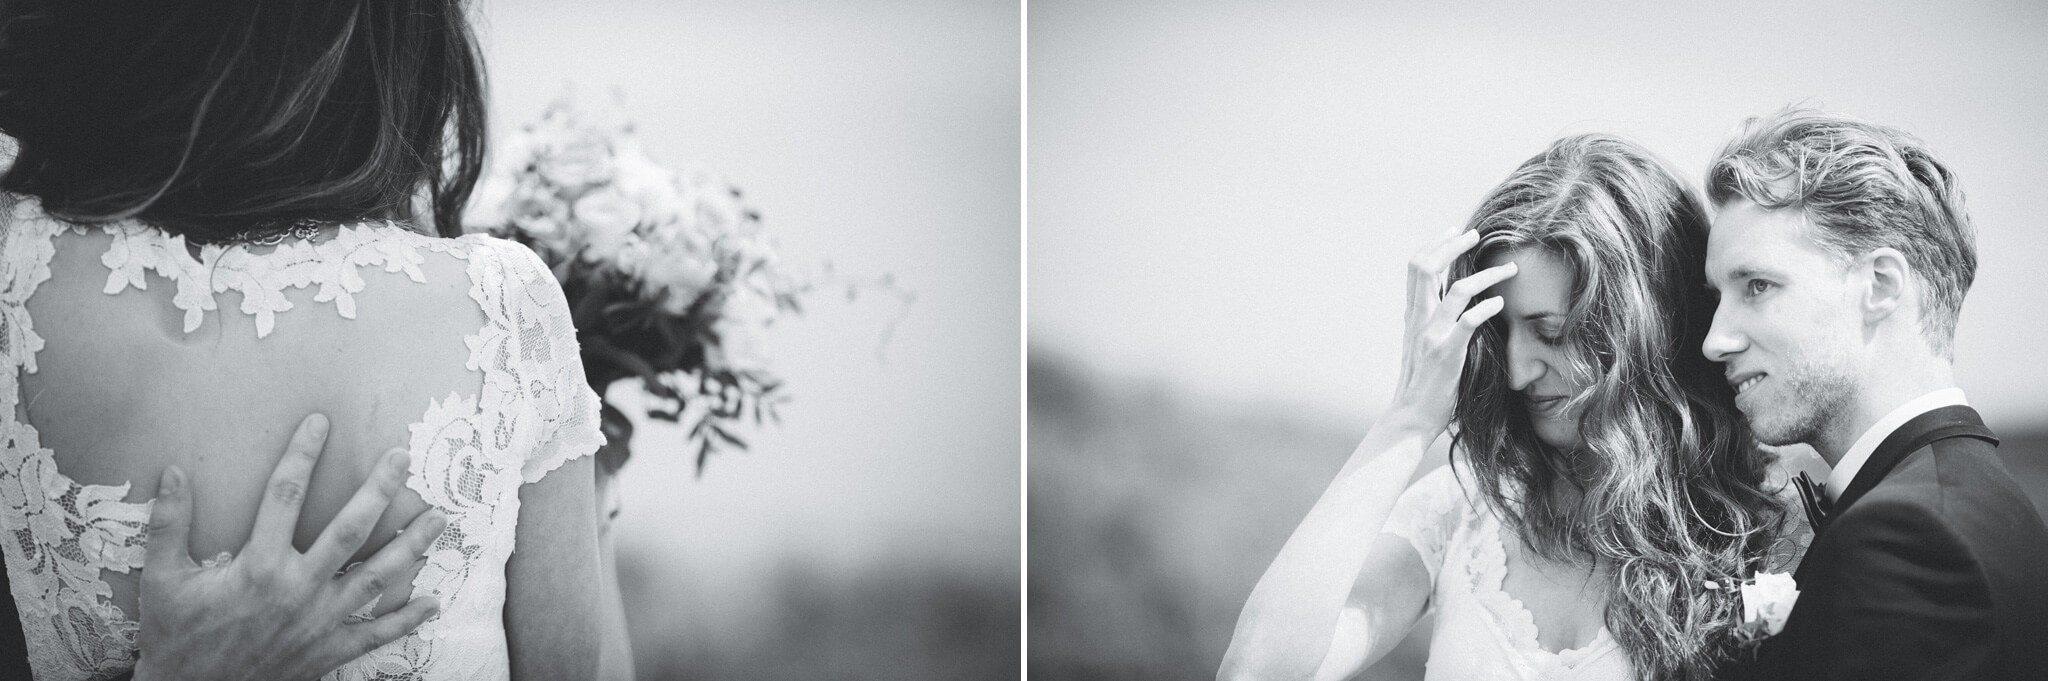 Bröllopsfotograf Grand Hotell Mölle